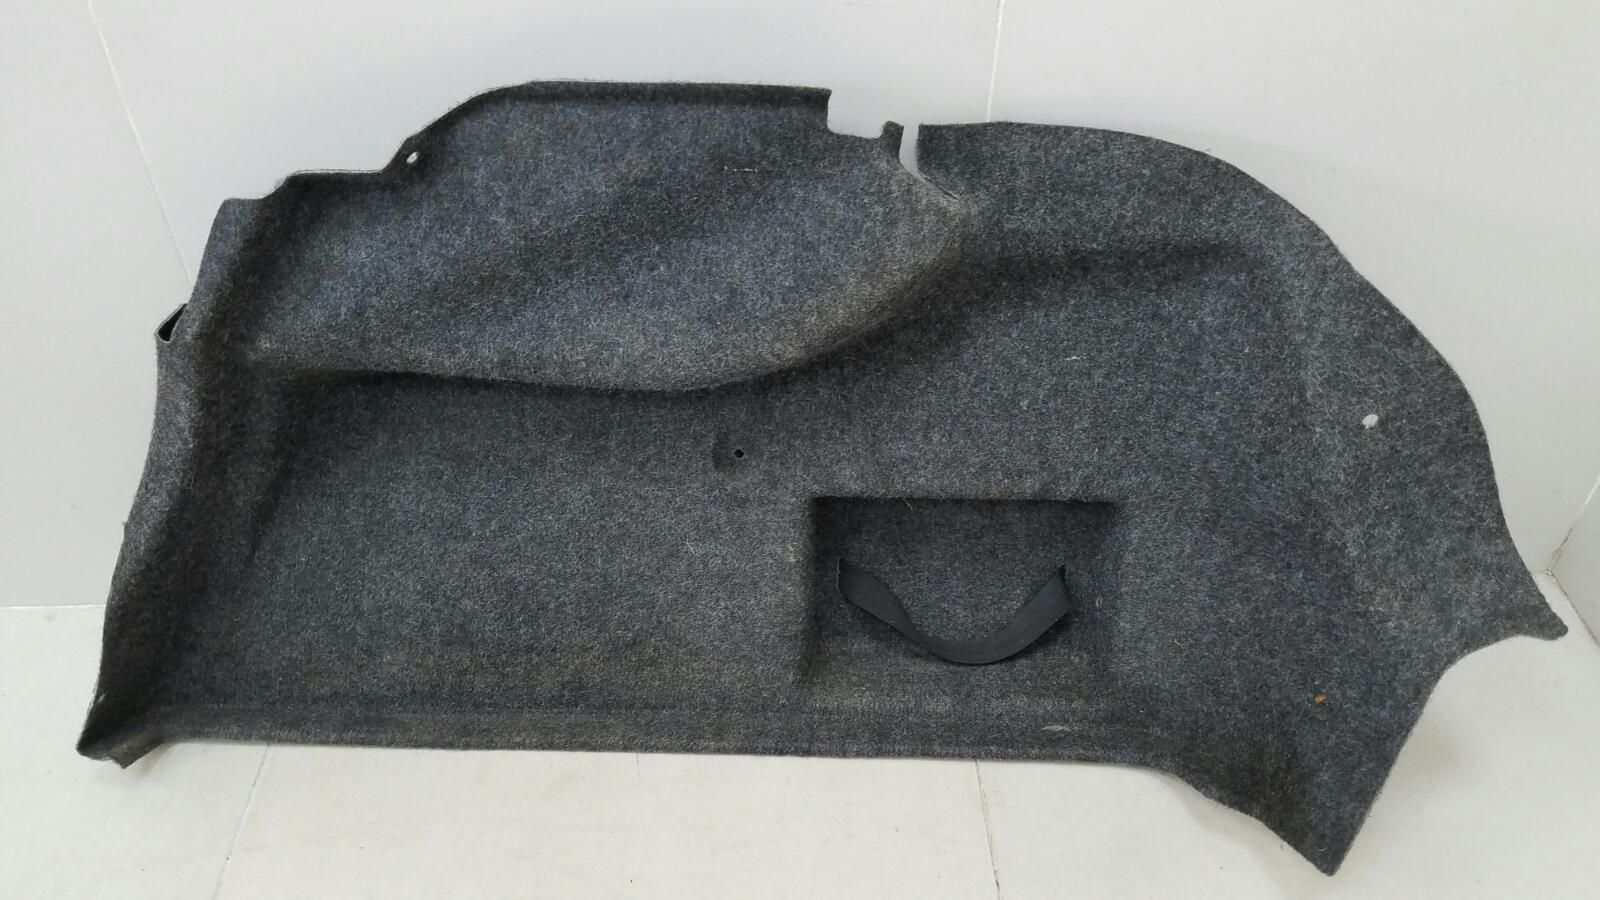 Обшивка багажника Peugeot 206 KFW (TU3JP) 1.4Л 2007 задняя правая